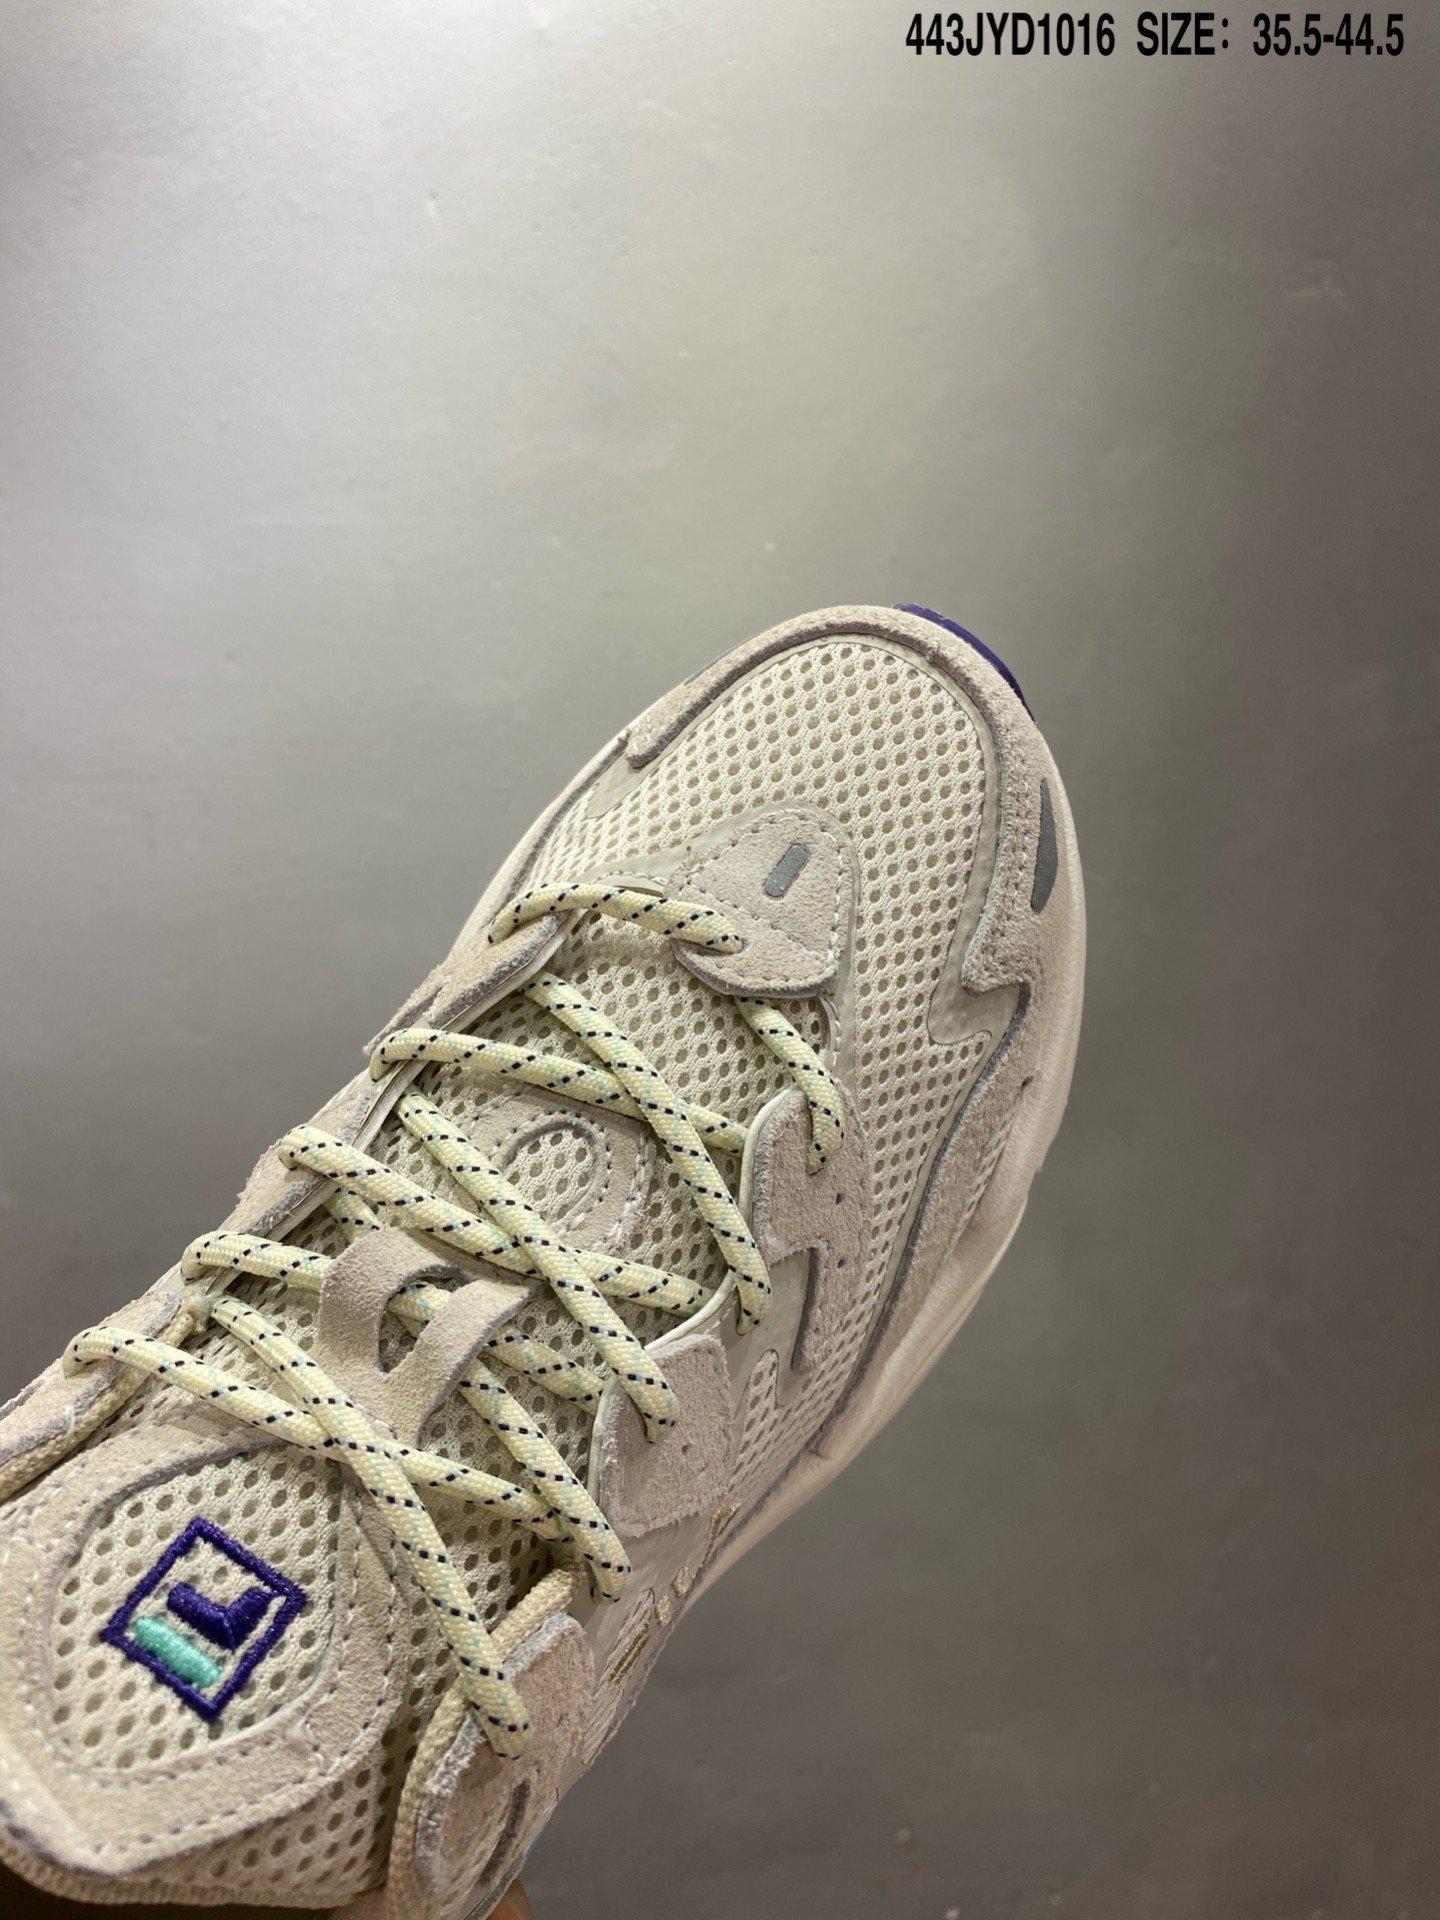 老爹鞋, Ray Tracer, Fila Ray Tracer, EVA